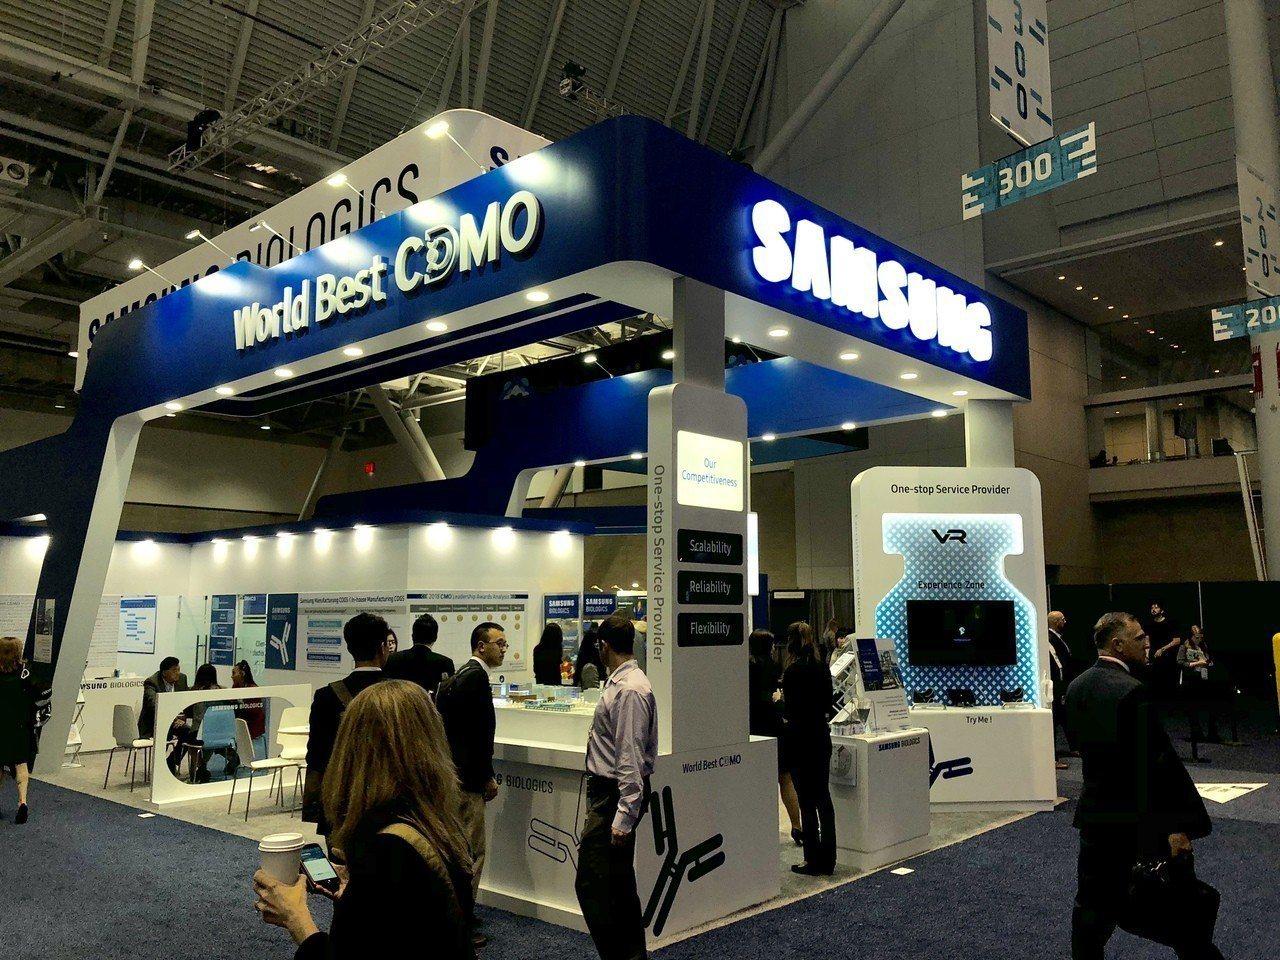 三星生物製劑今年在美國Bio展上,以「全球最佳生物製劑公司」的姿態向世人宣告搶攻...